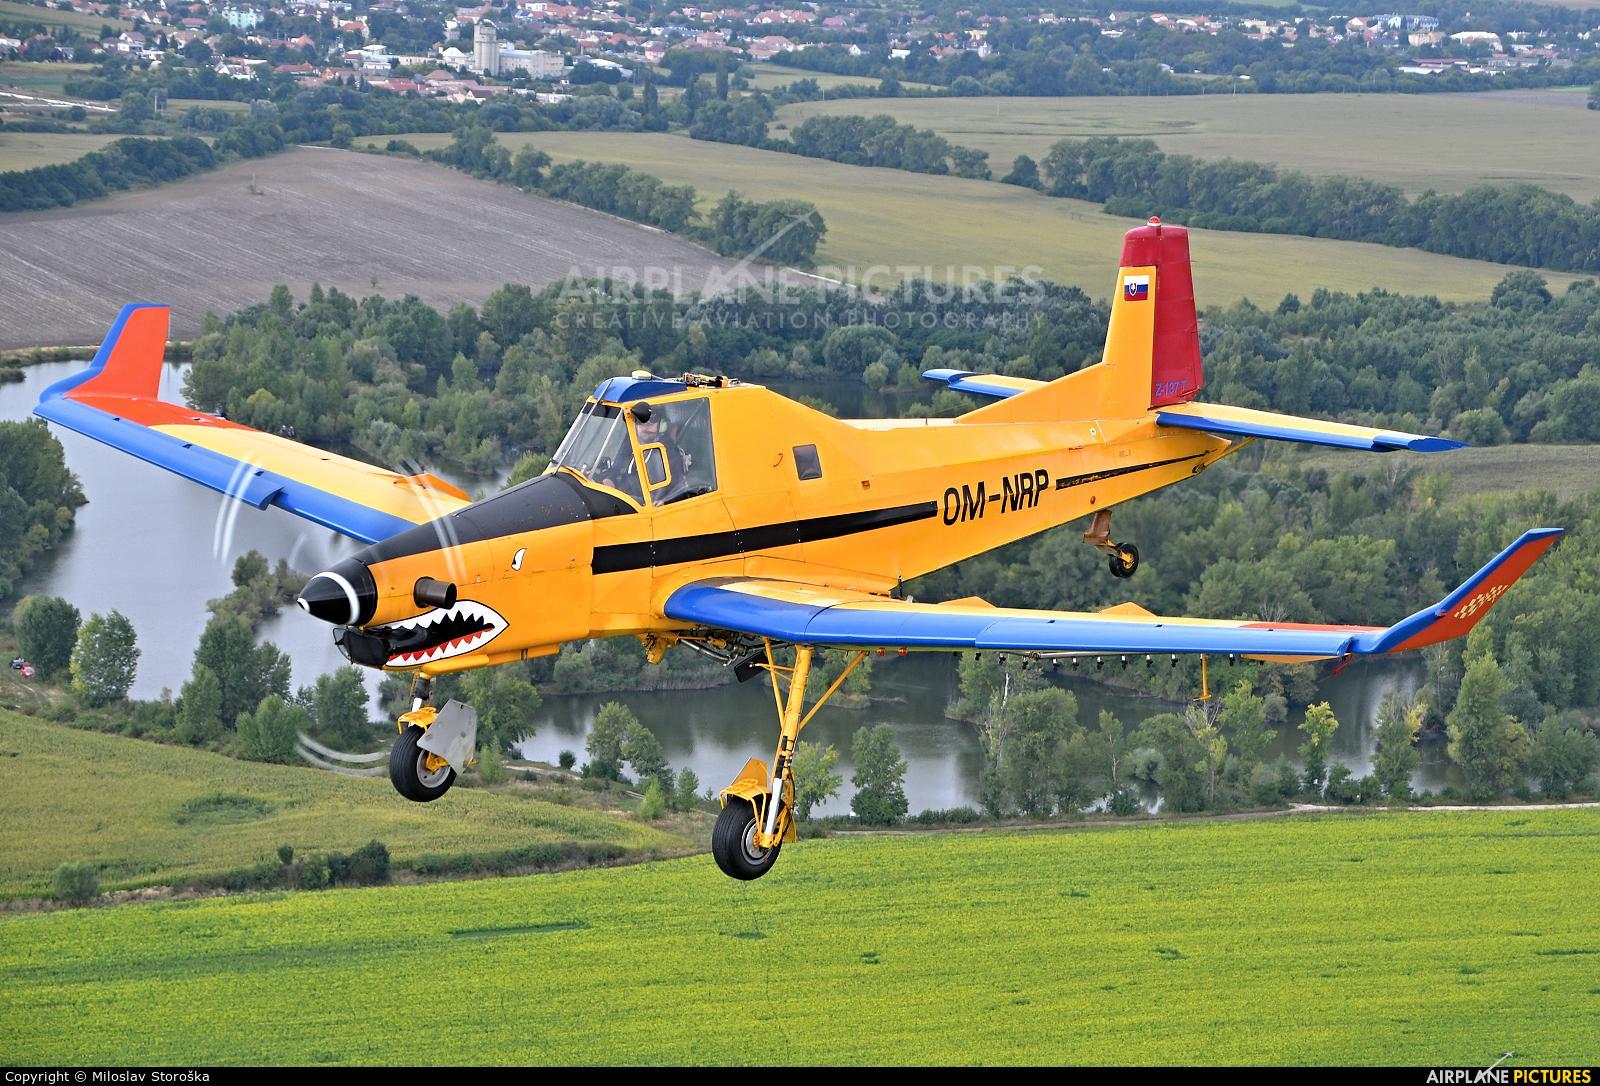 Aero Slovakia OM-NRP aircraft at In Flight - Slovakia